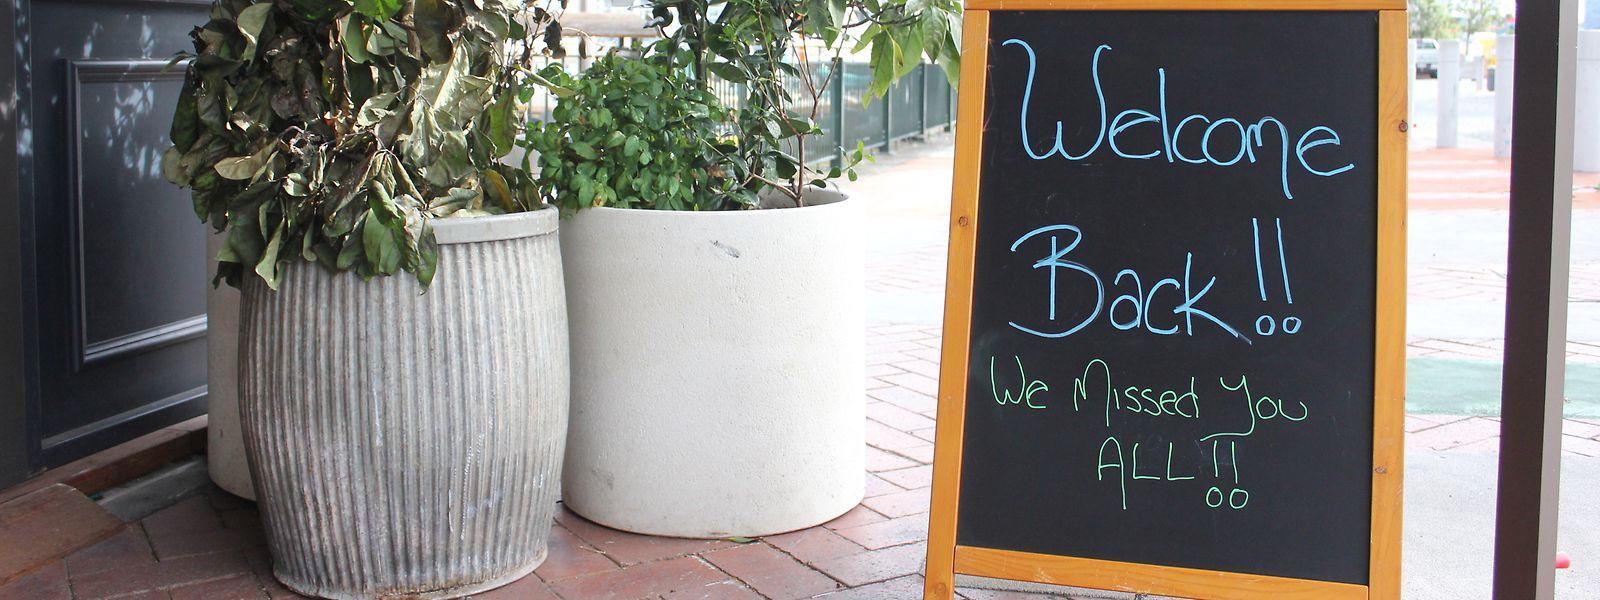 Nach der langen Durststrecke sehnen sich Cafés und Geschäfte nach der Rückkehr der Kundschaft.